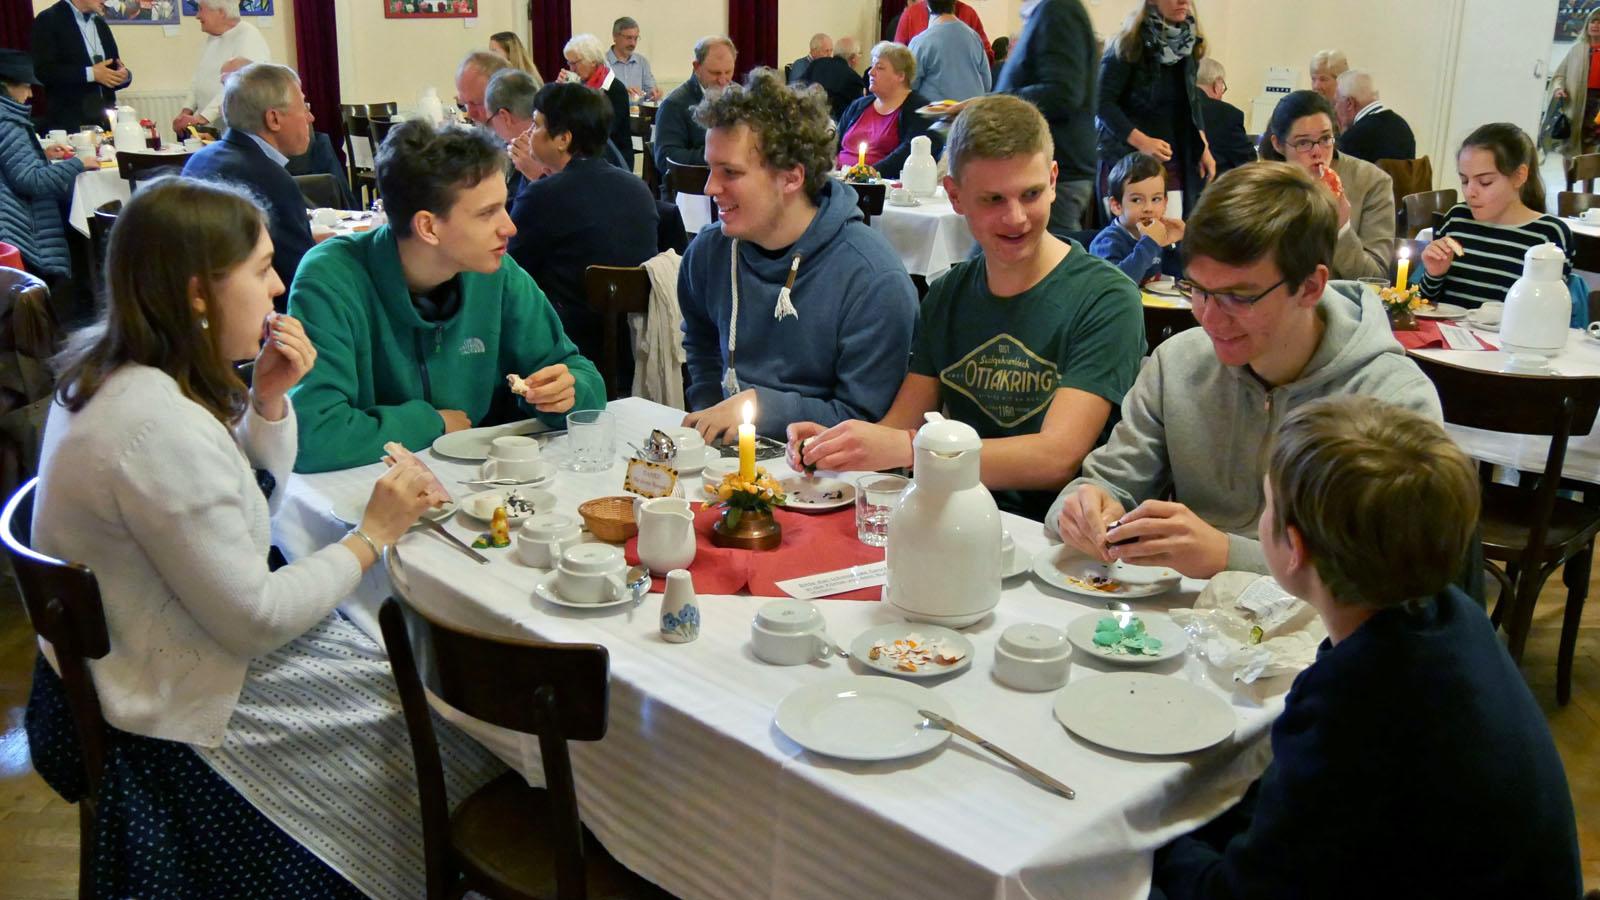 Osterfrühstück im Saal.